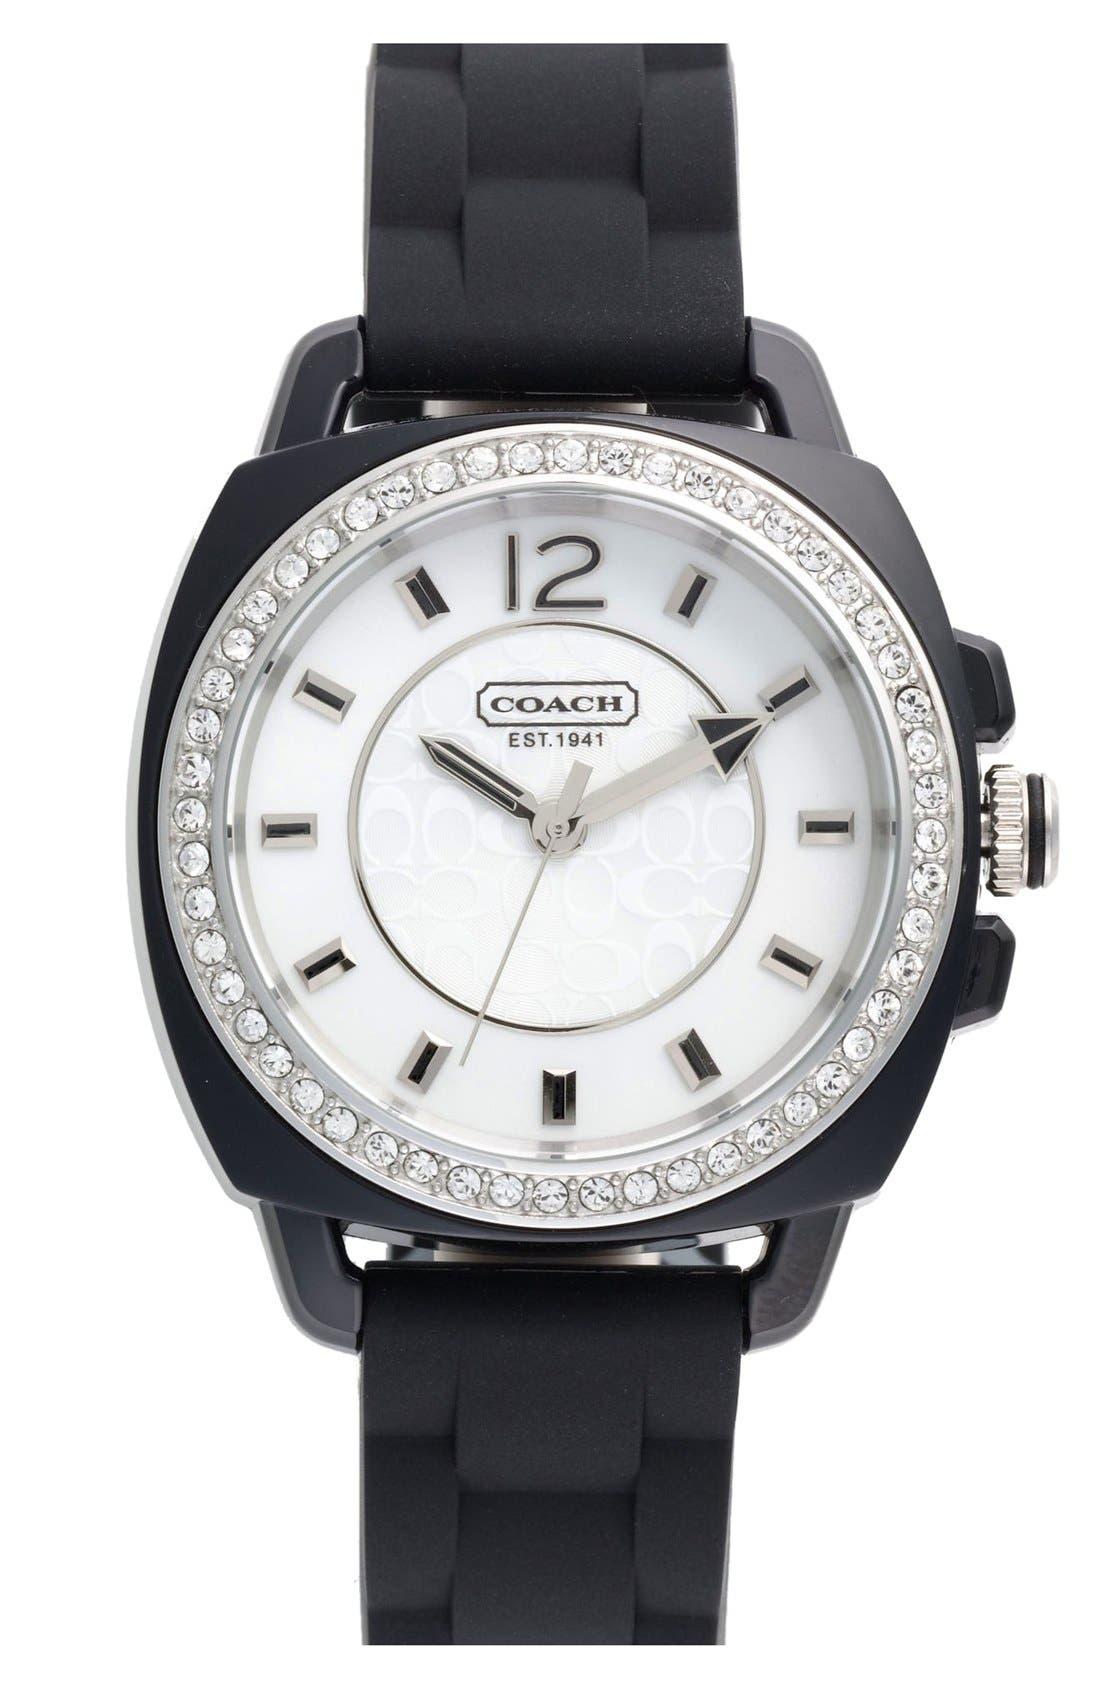 Alternate Image 1 Selected - COACH 'Boyfriend' Crystal Bezel Watch, 39mm